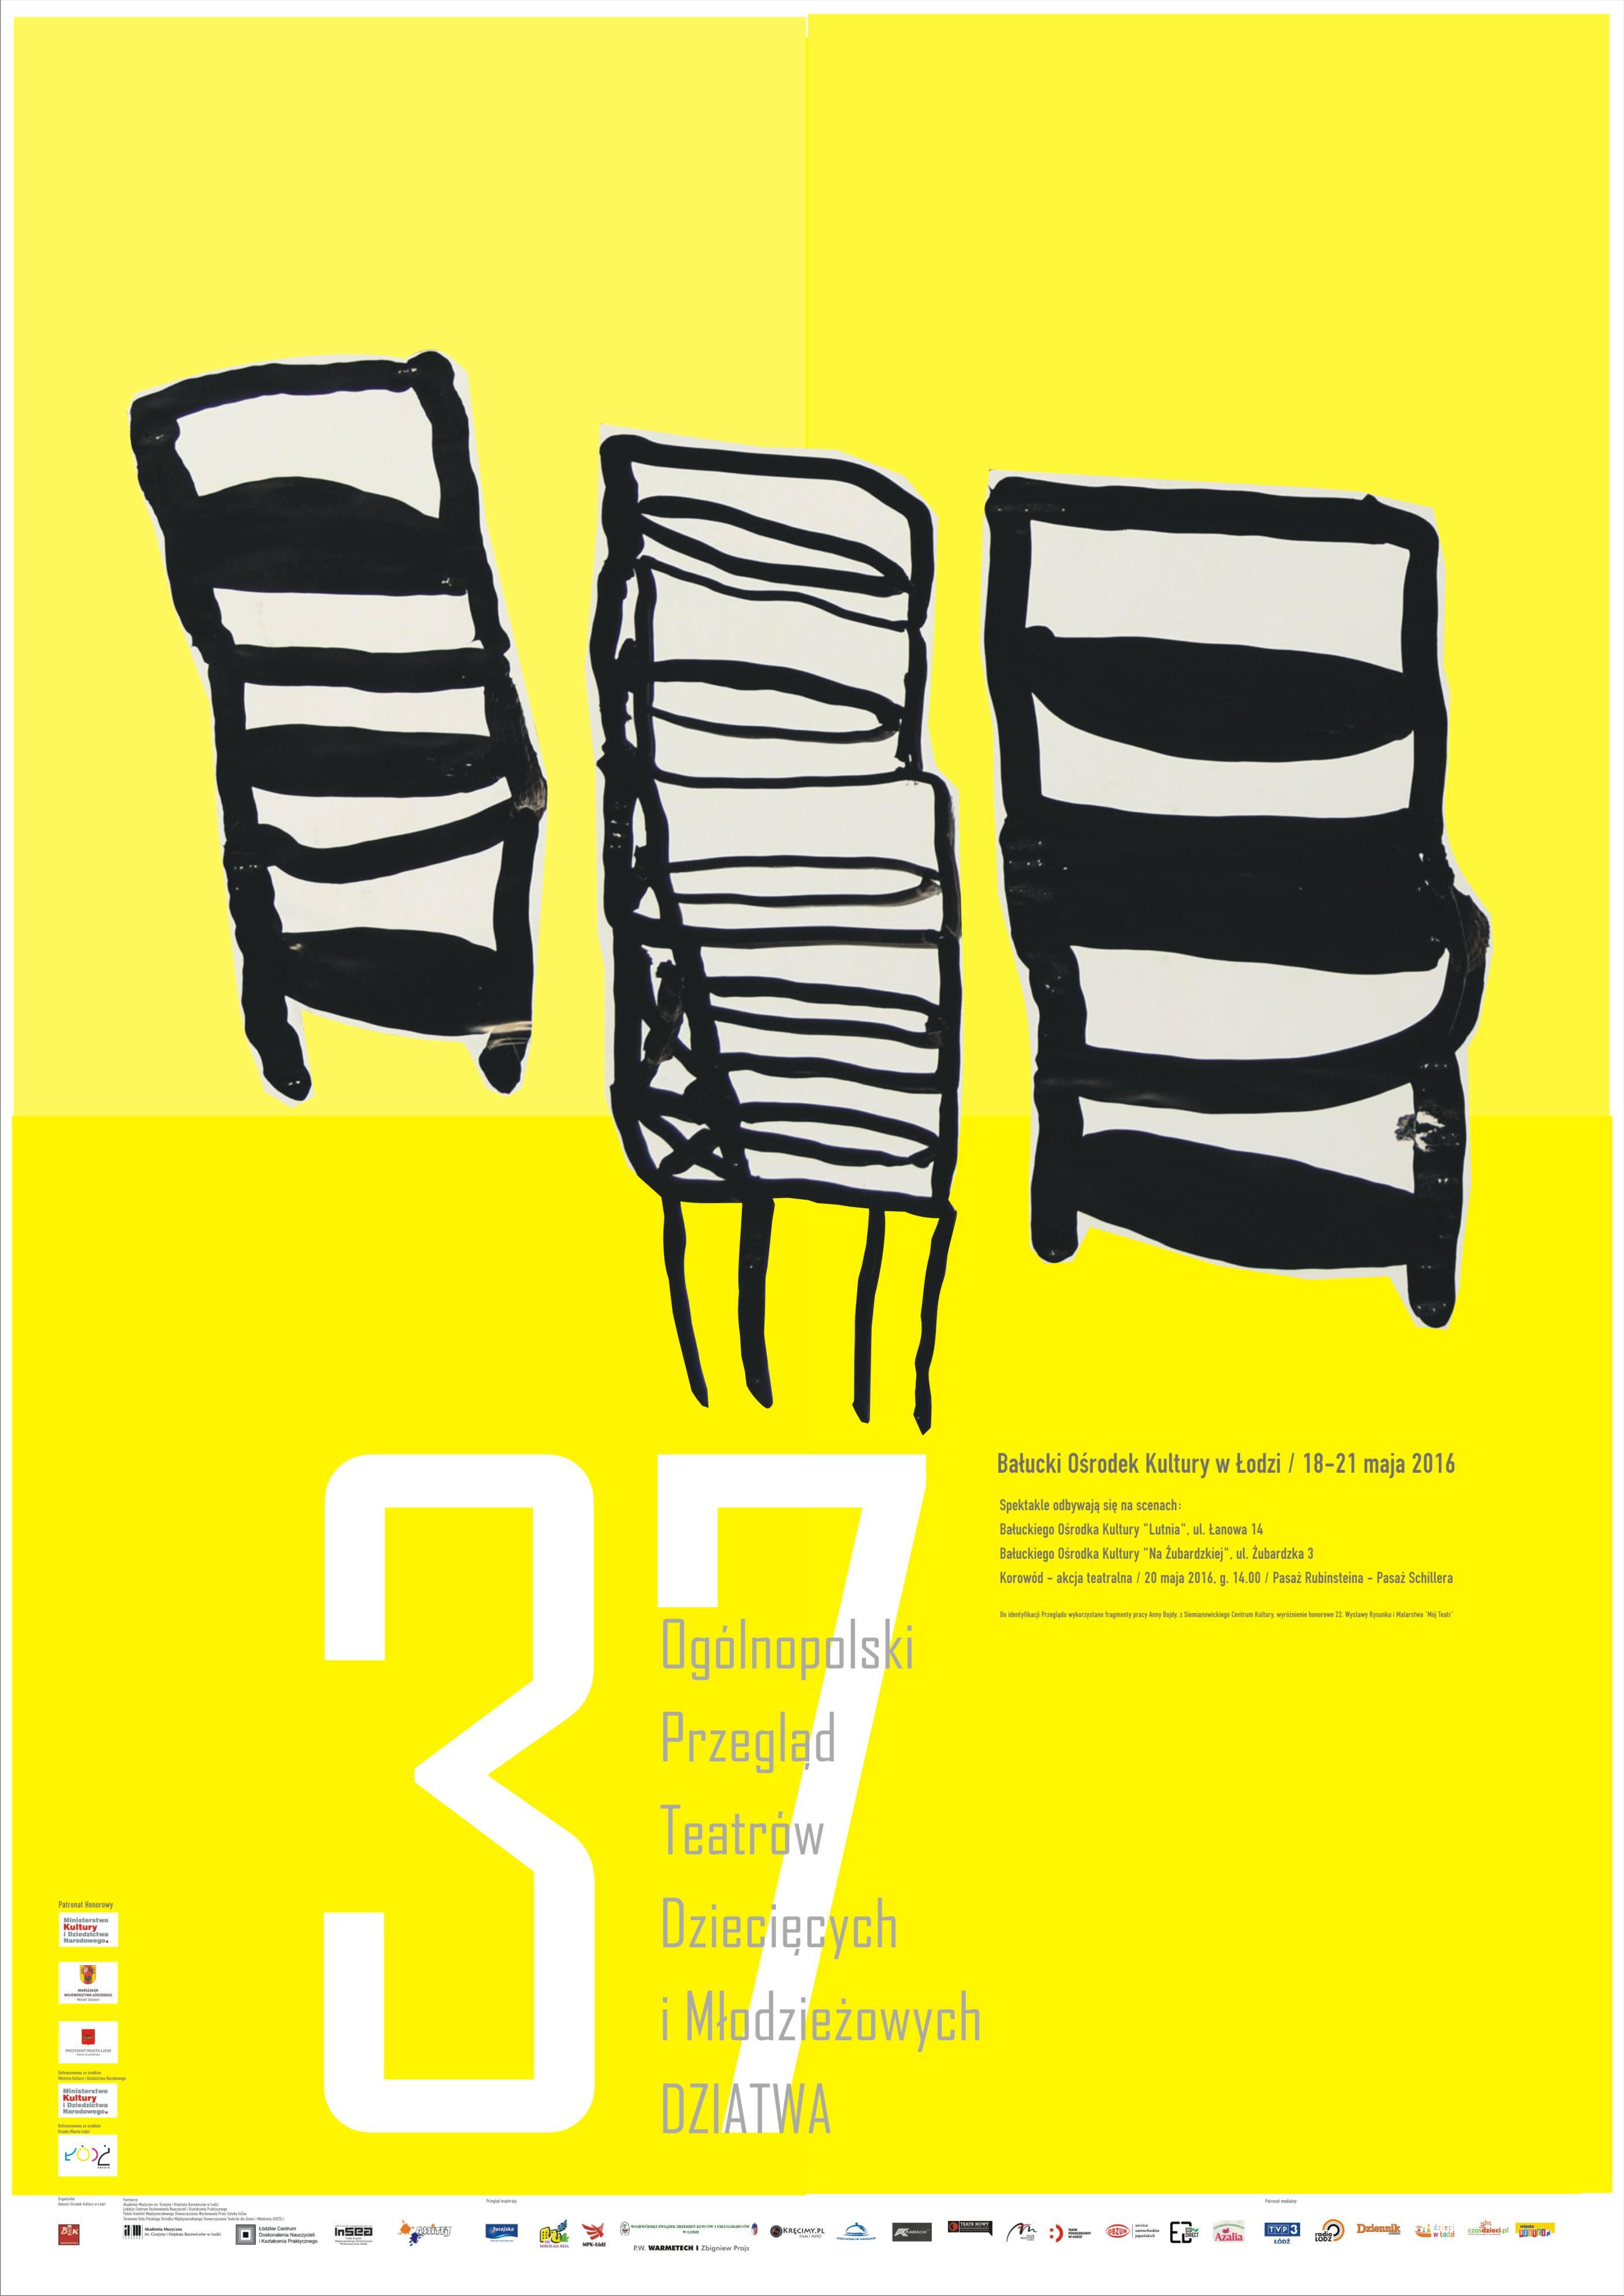 Plakat Dziatwa 2016